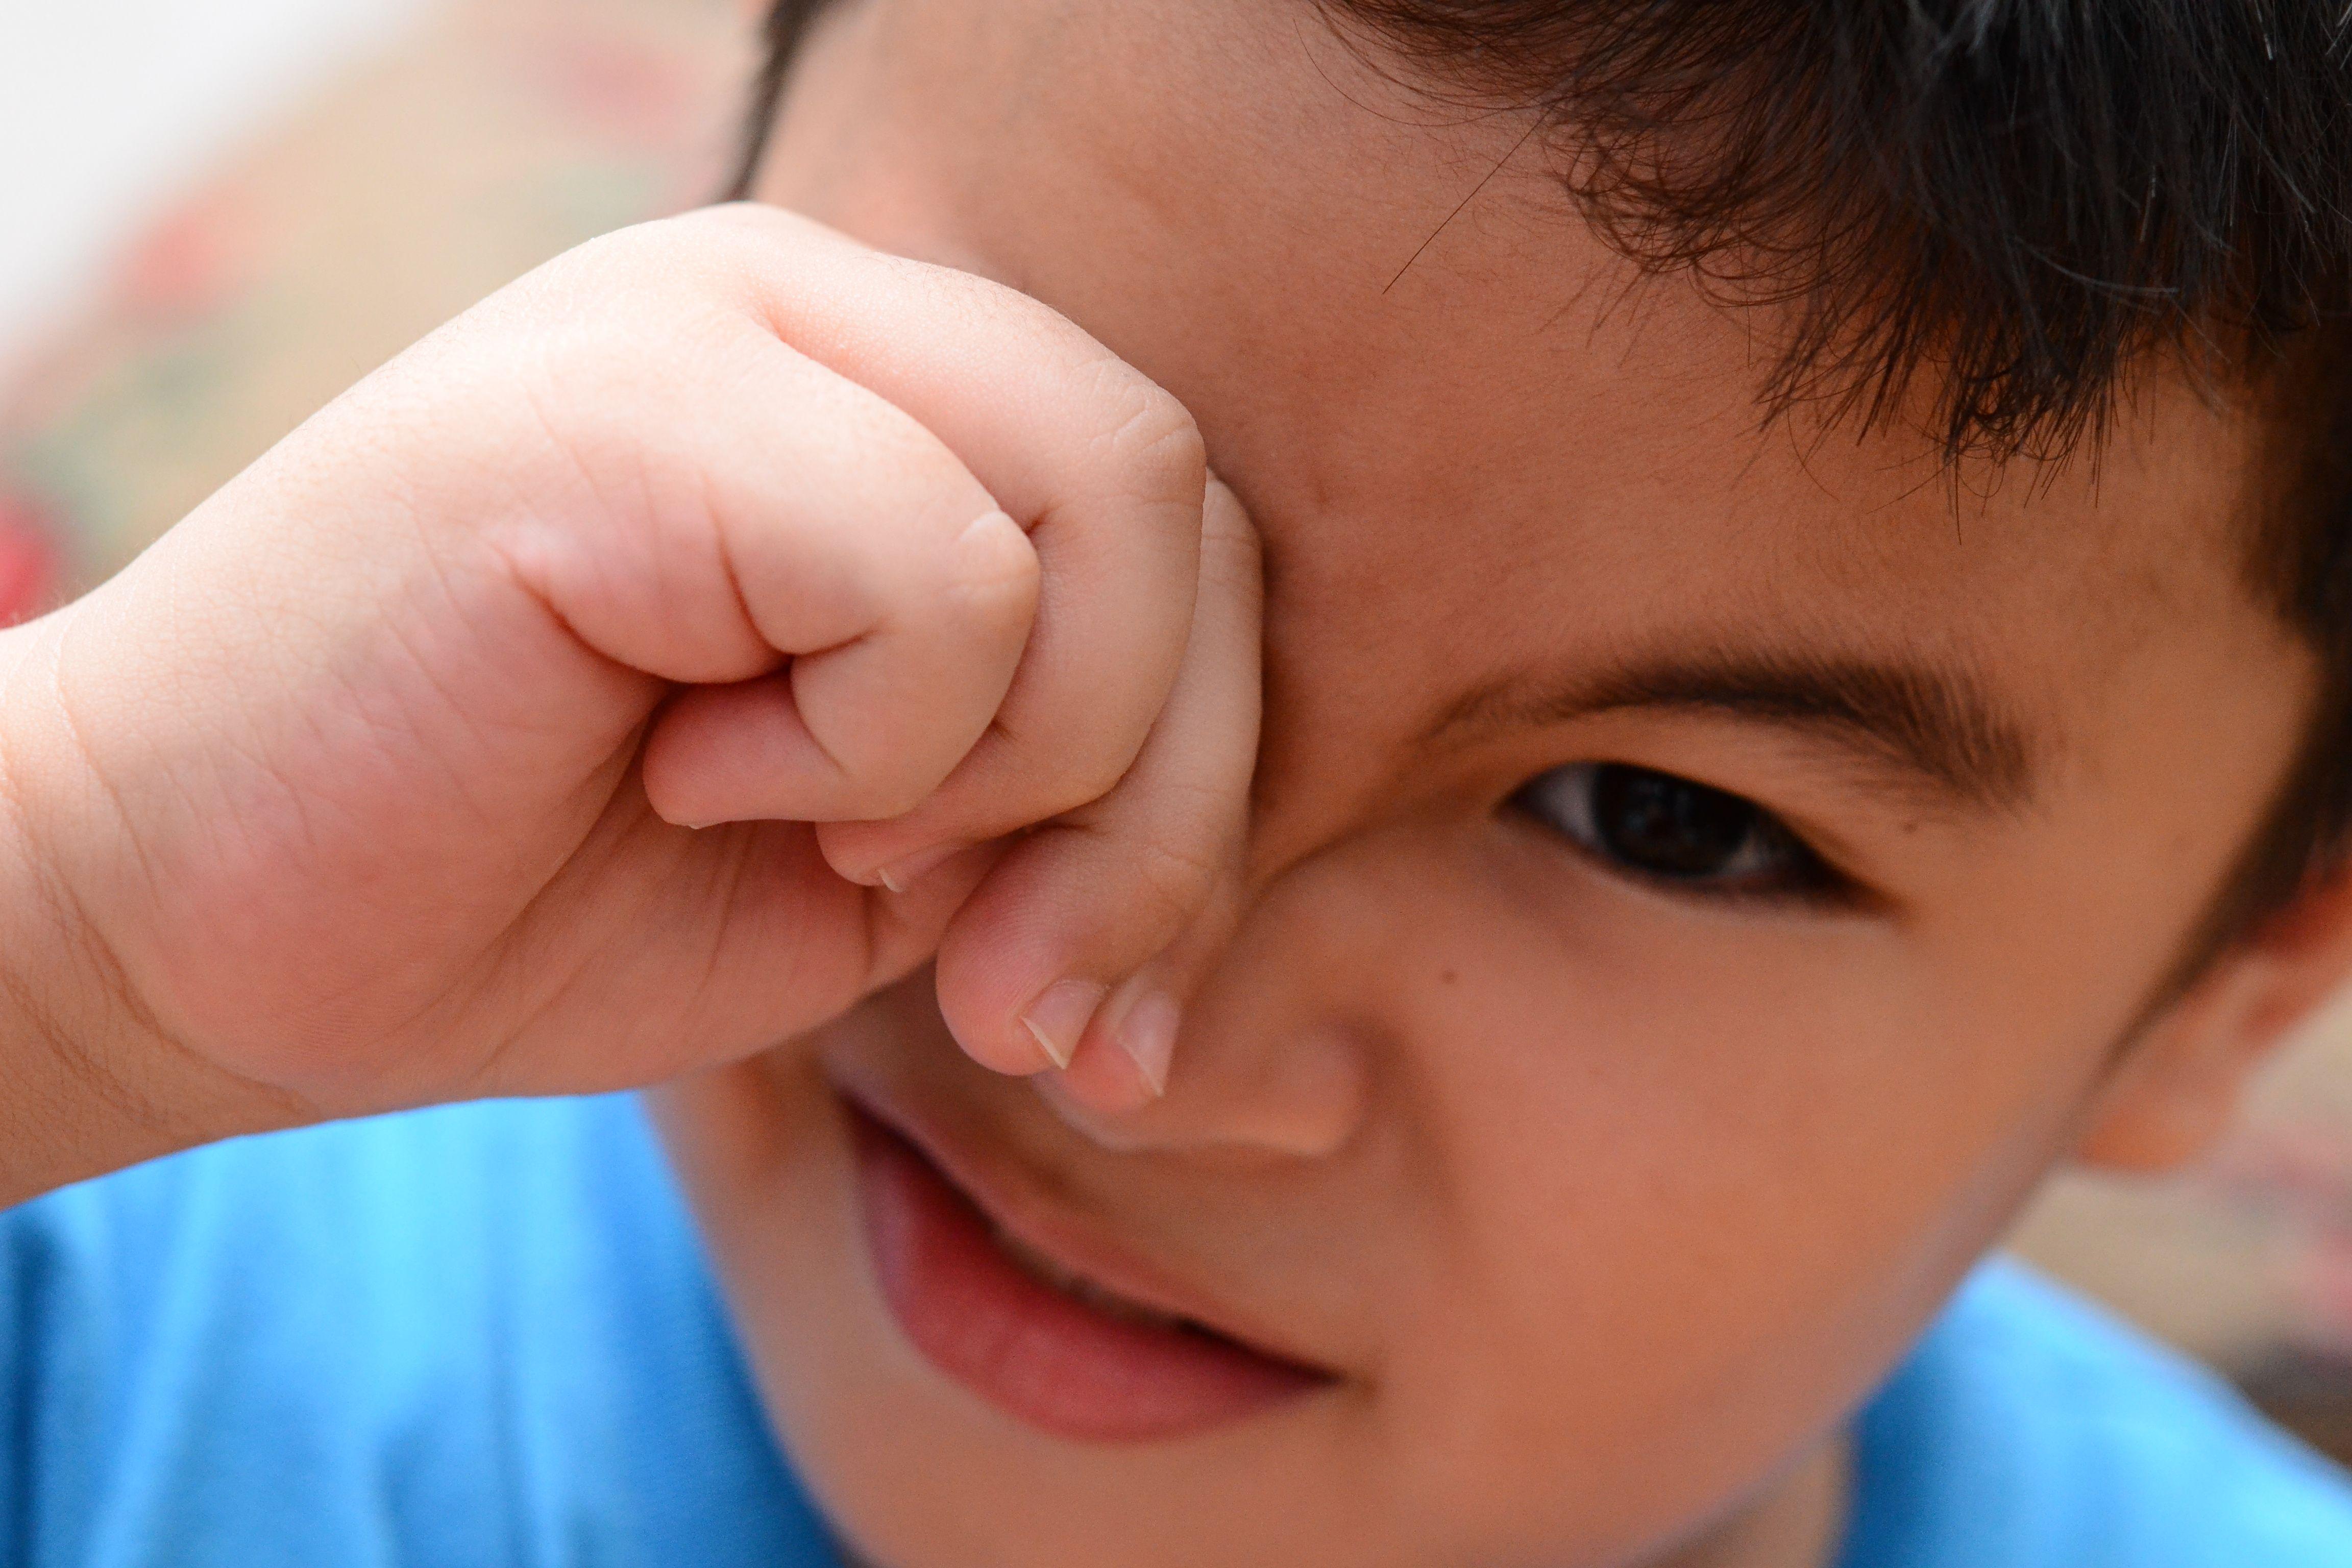 Gözlerdeki Kaşıntı Nasıl Geçer: Göz Kaşıntısına Doğal Çözüm